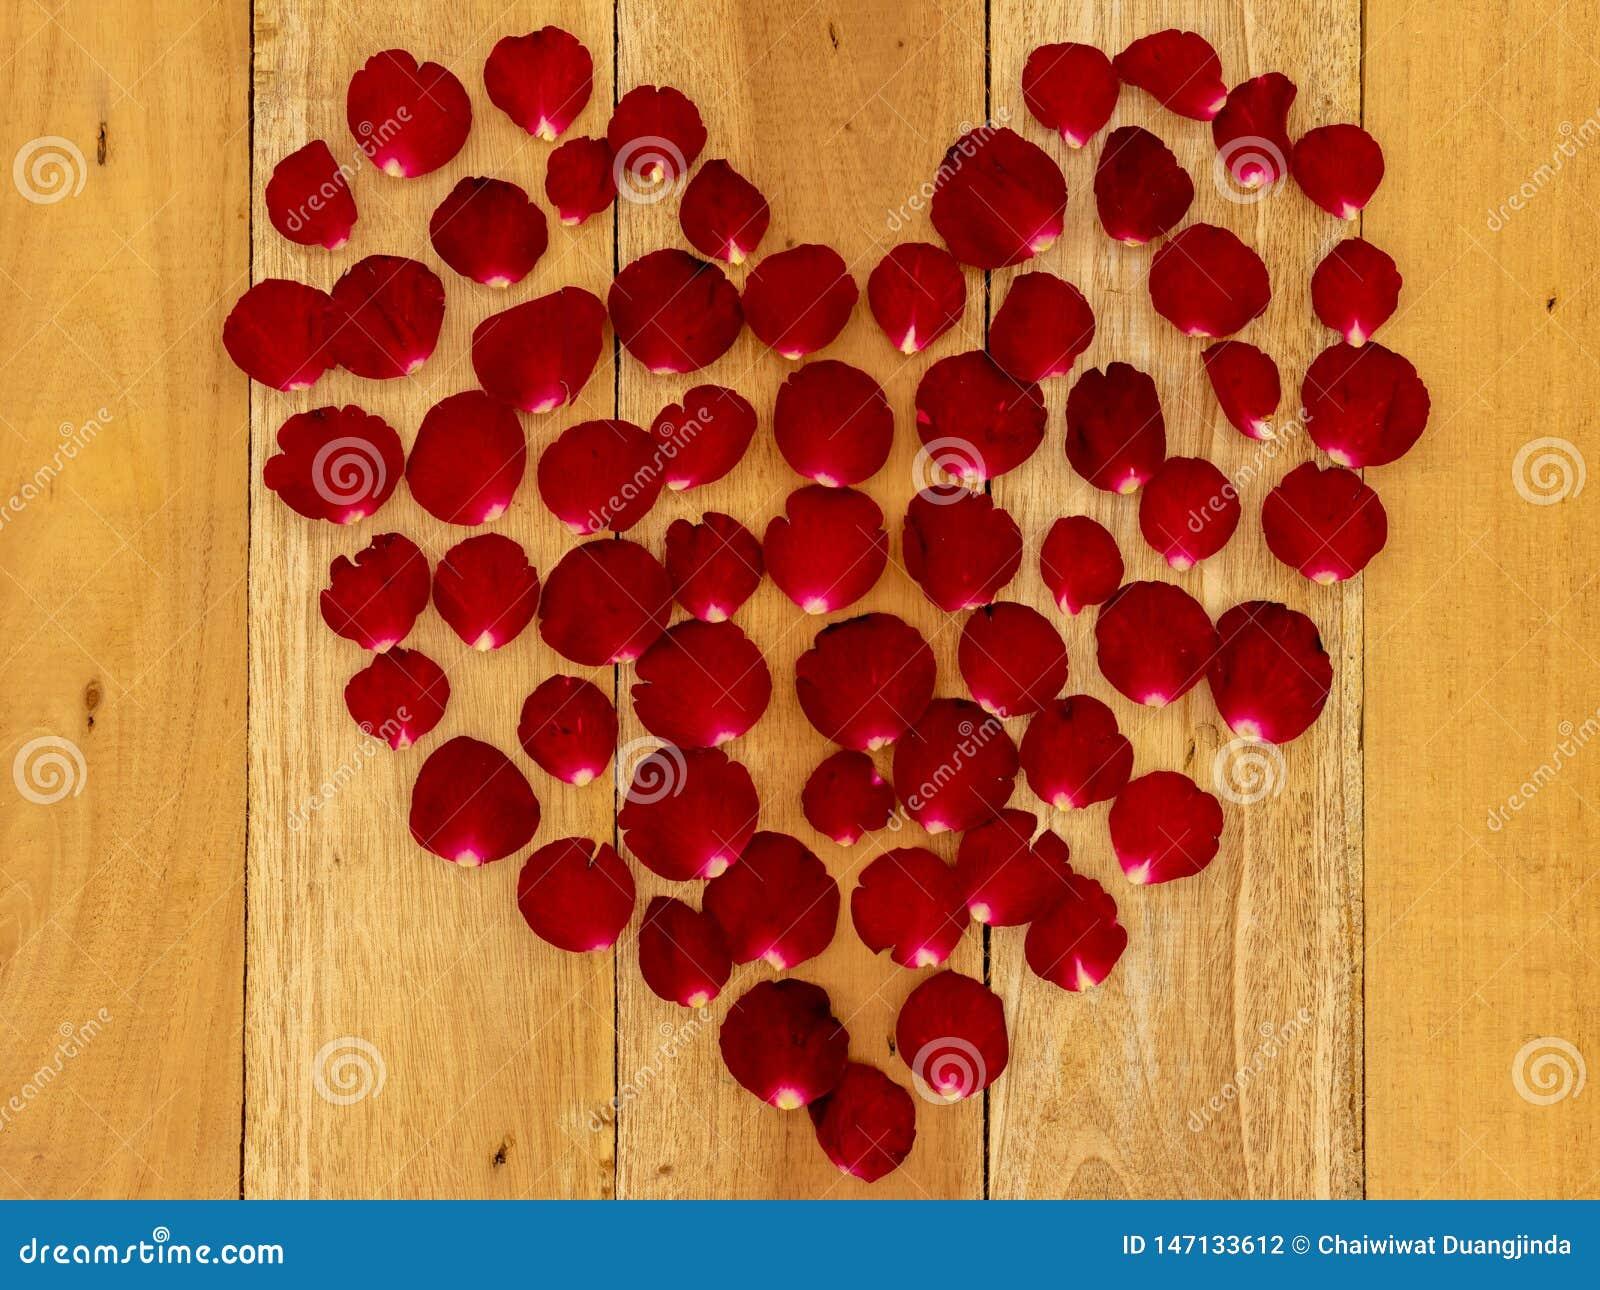 Nam bloemblaadjes in een hartvorm die worden geschikt toe